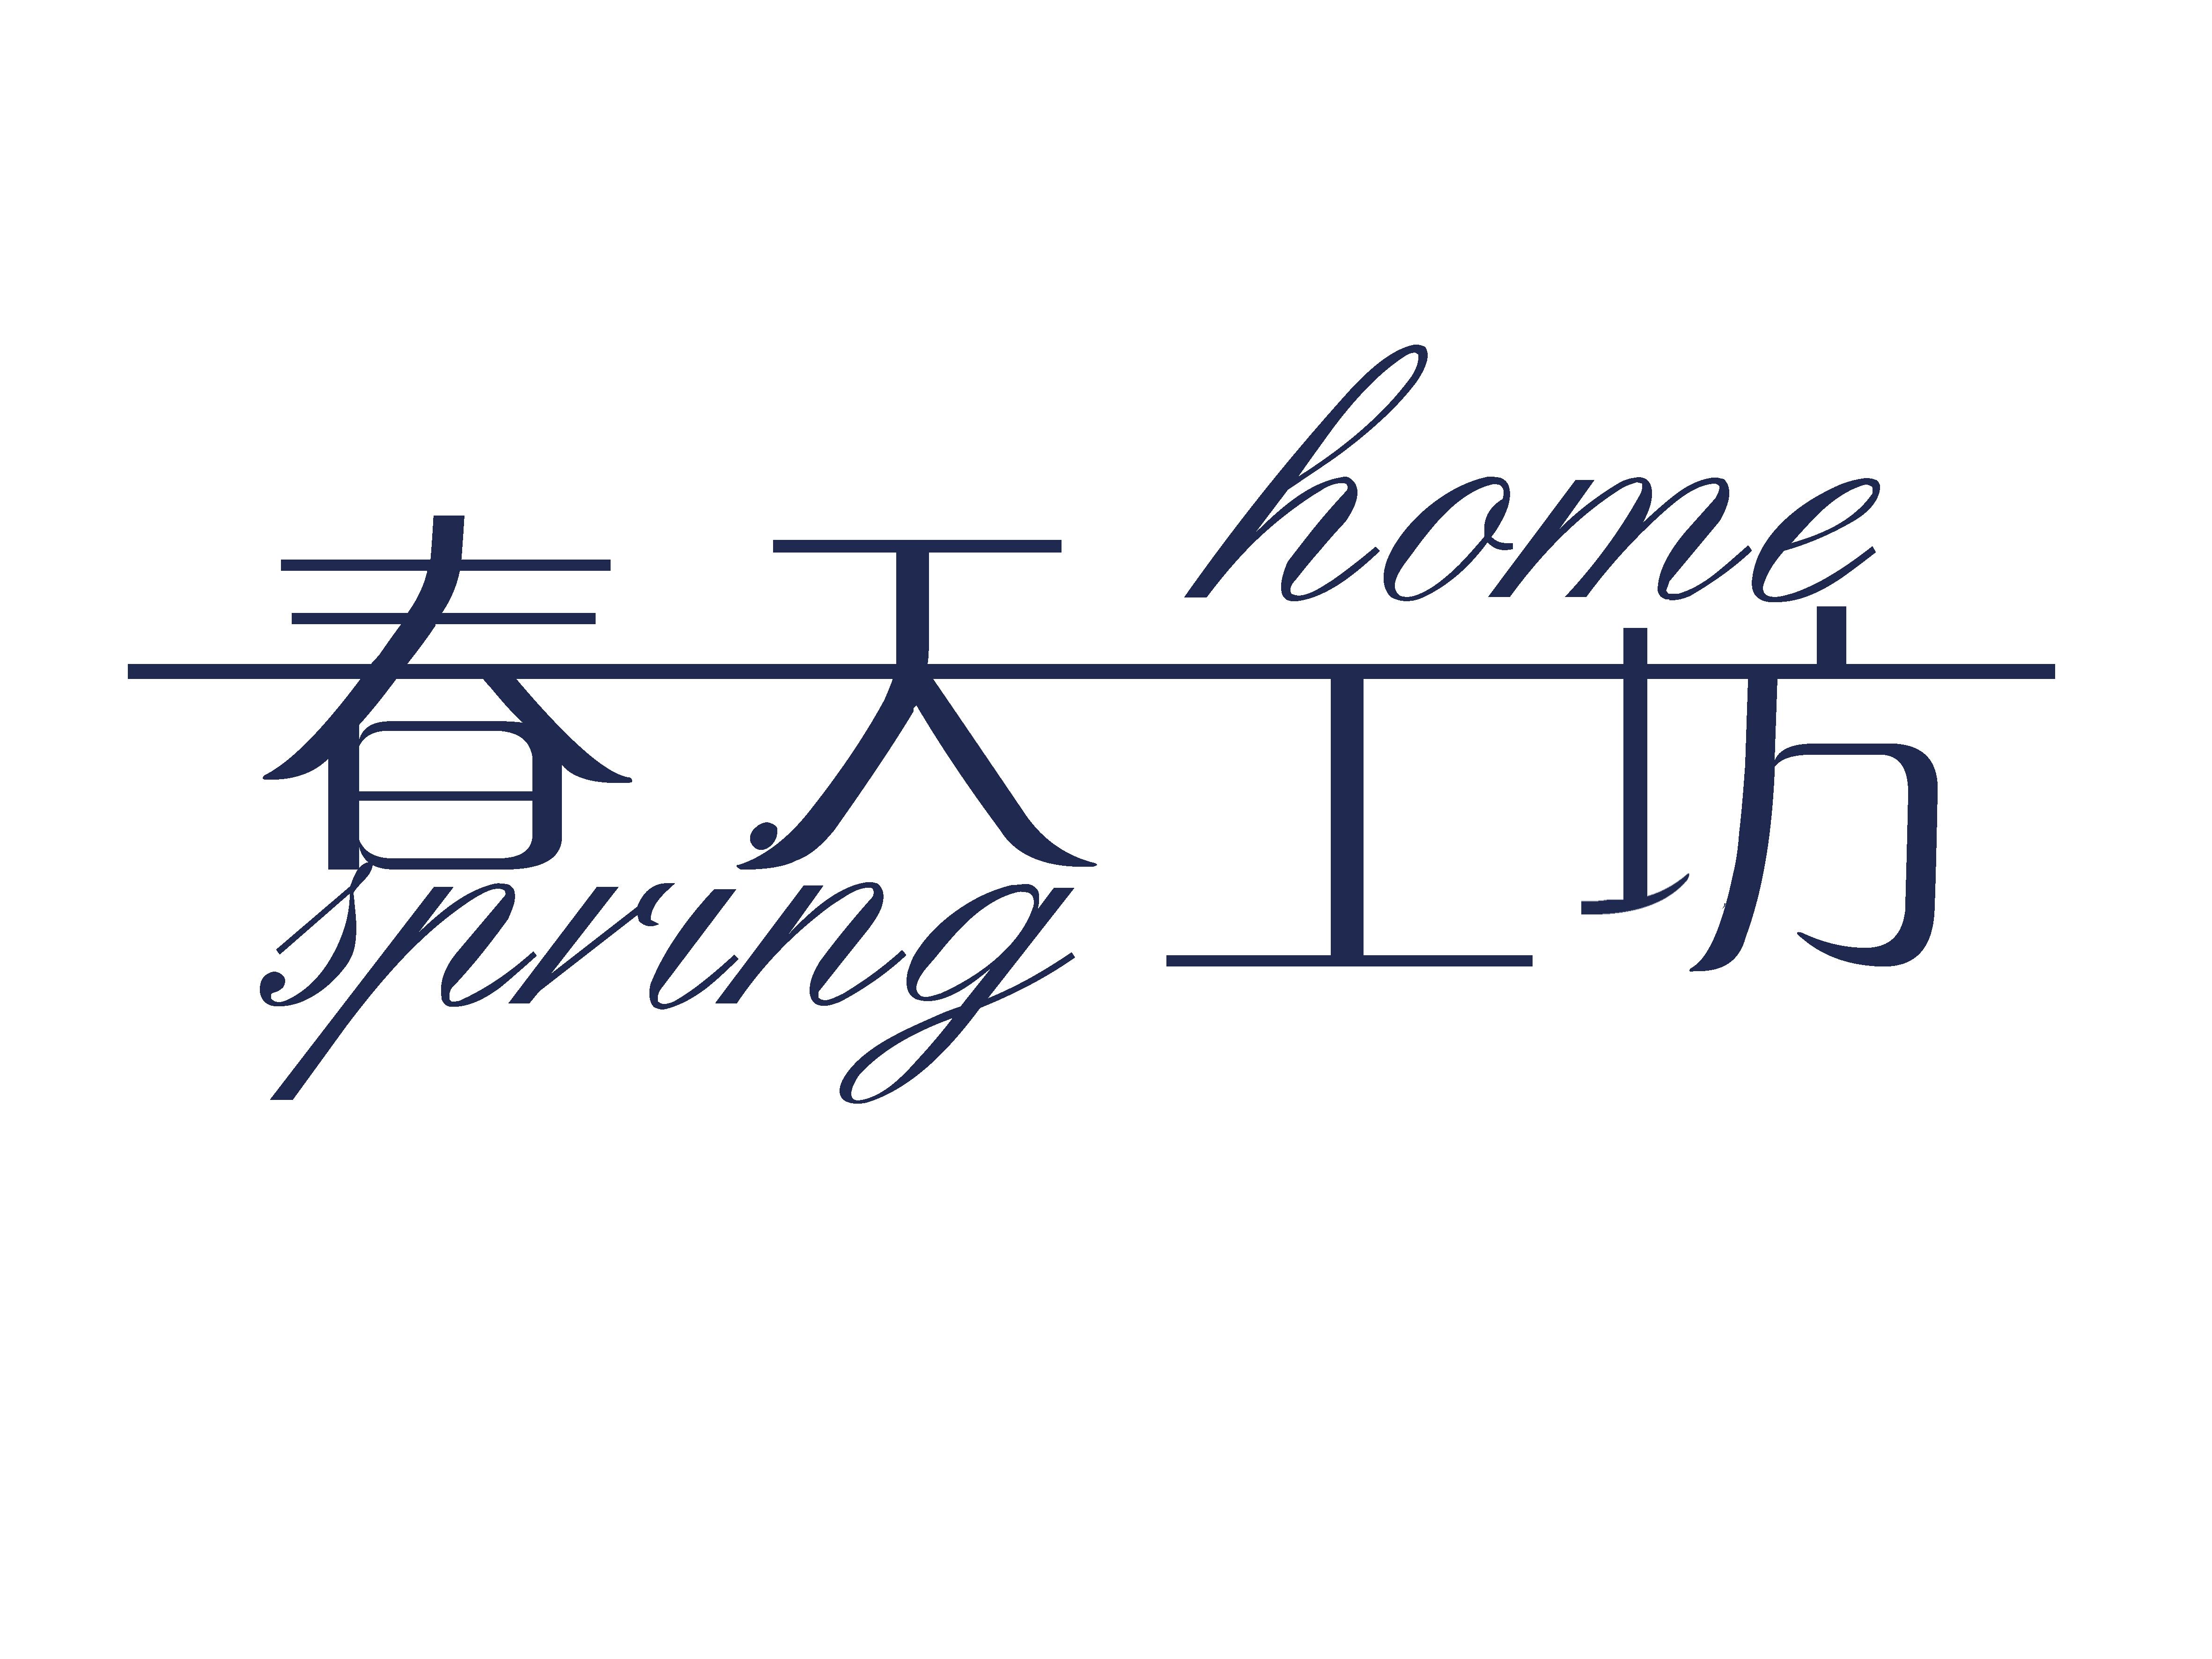 中英文字体设计构成的区别对比